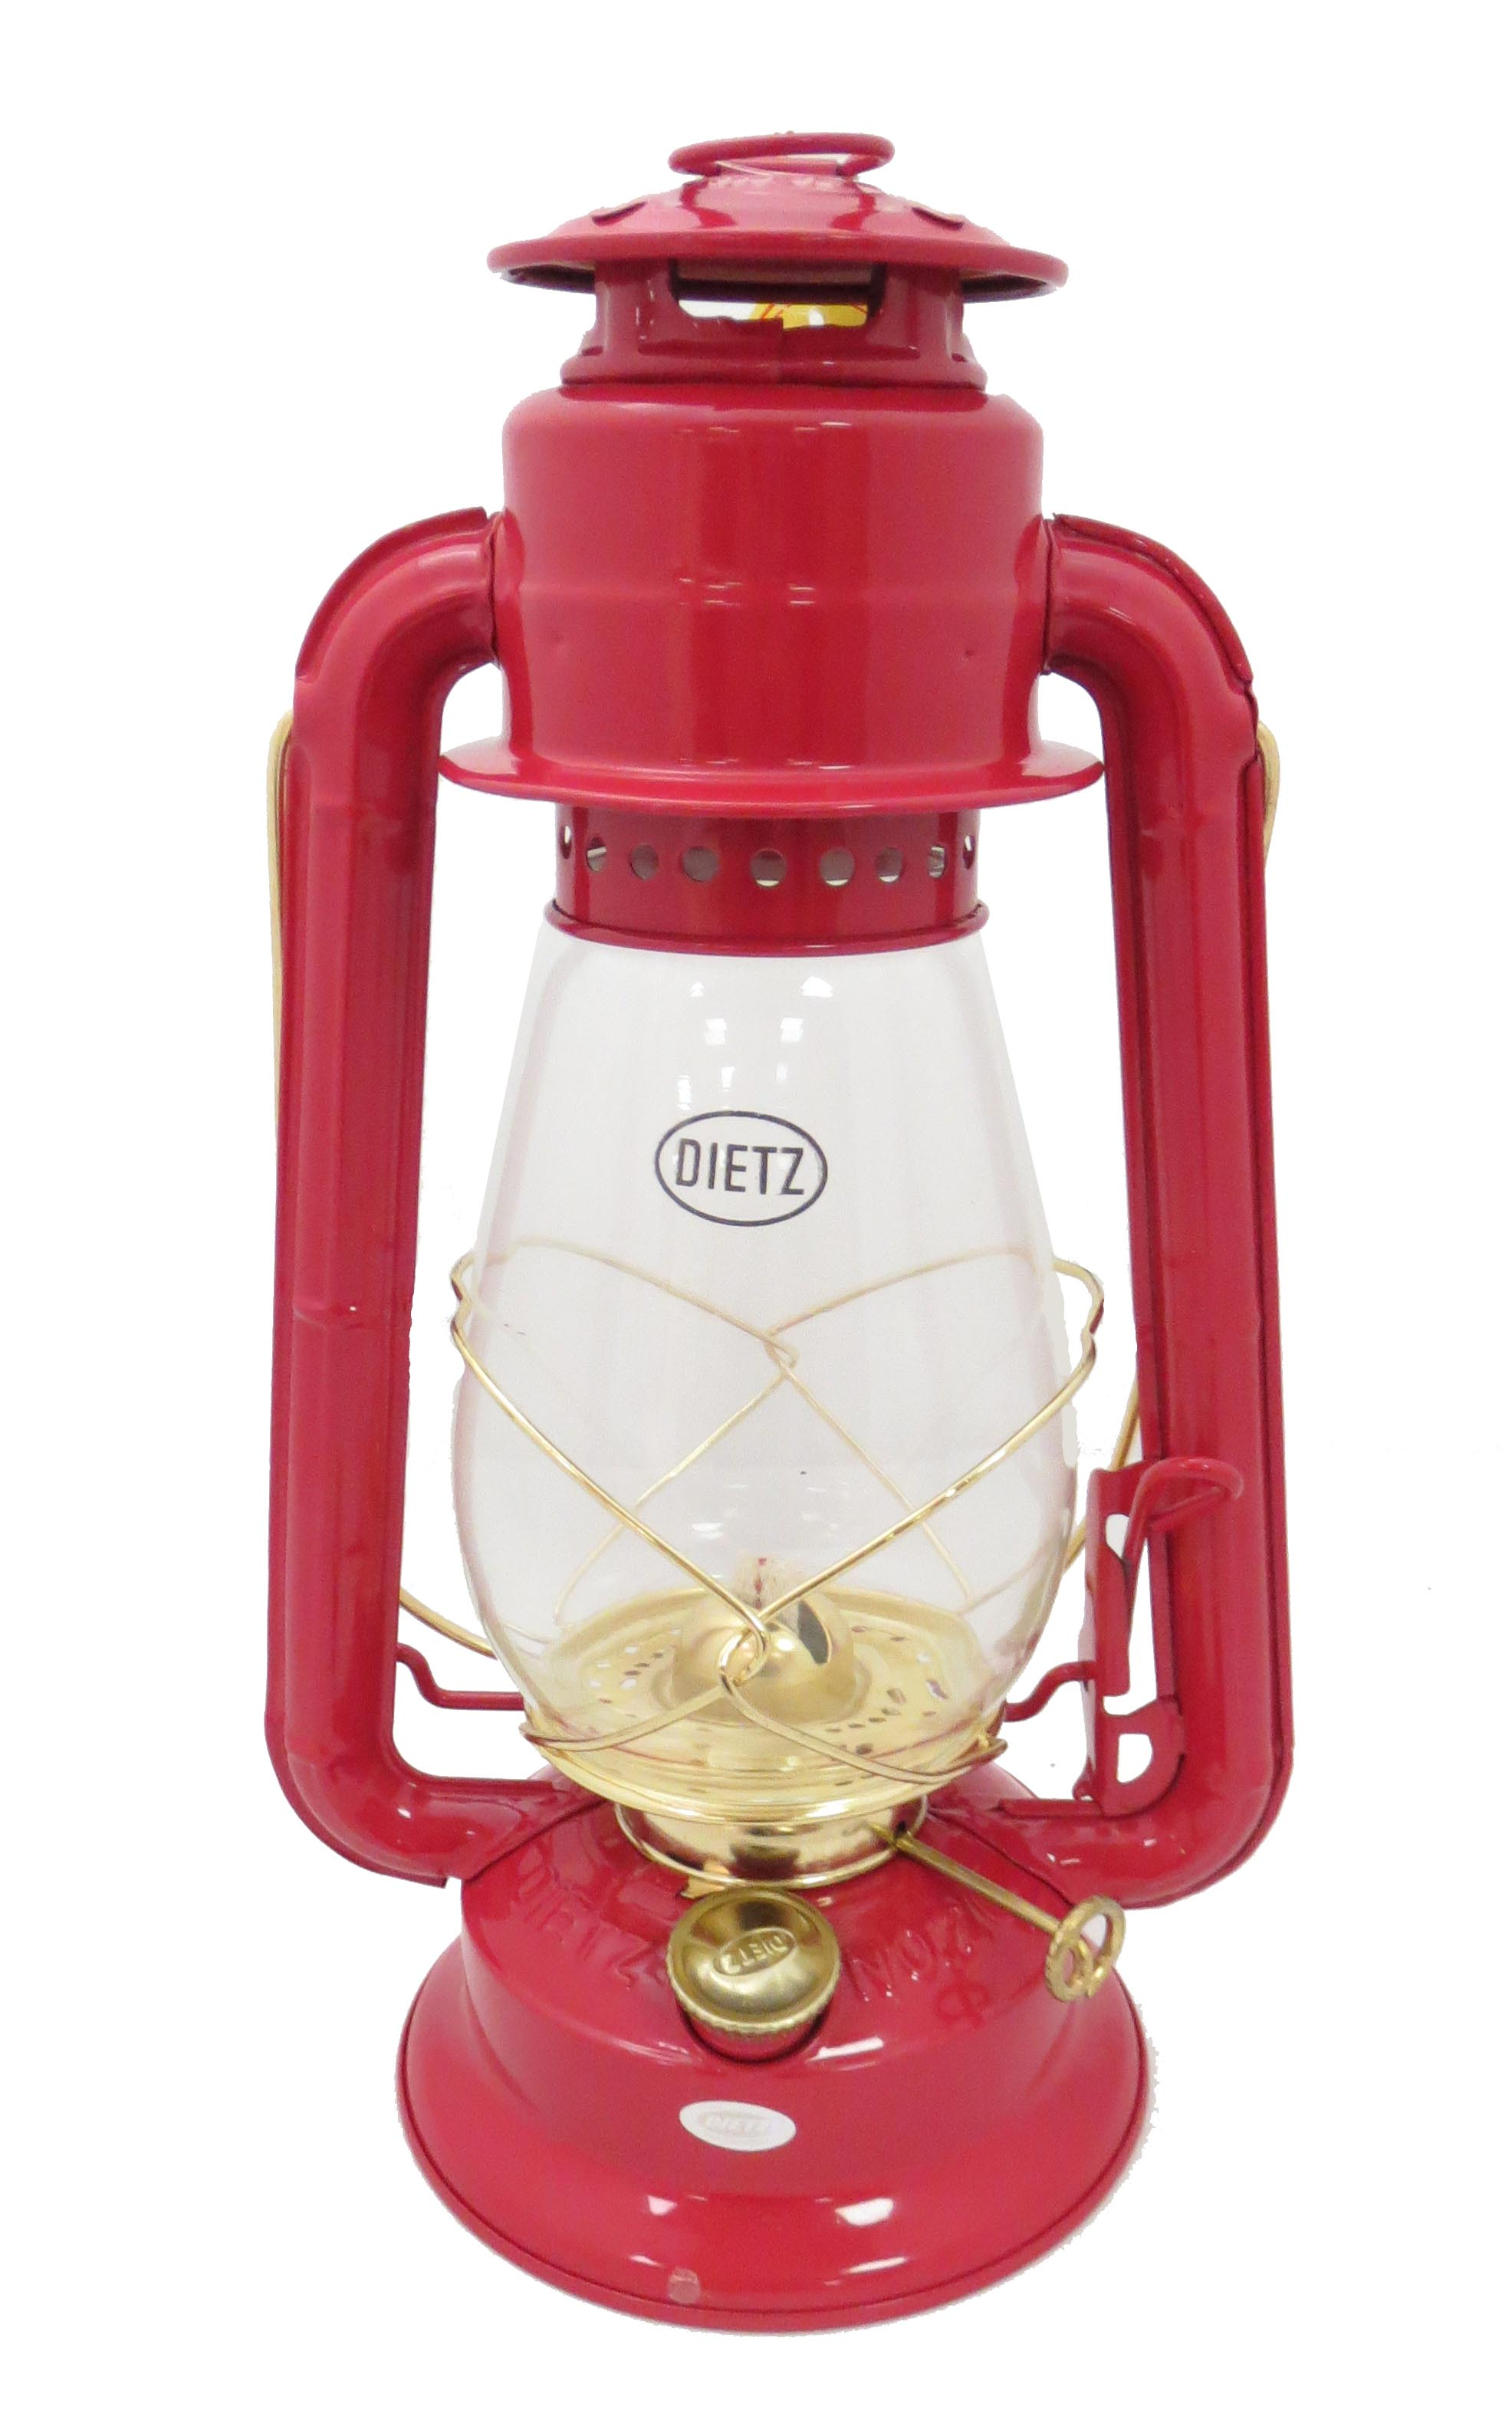 Dietz 20 Junior Lantern Red With Gold Trim 69878 B Amp P Lamp Supply